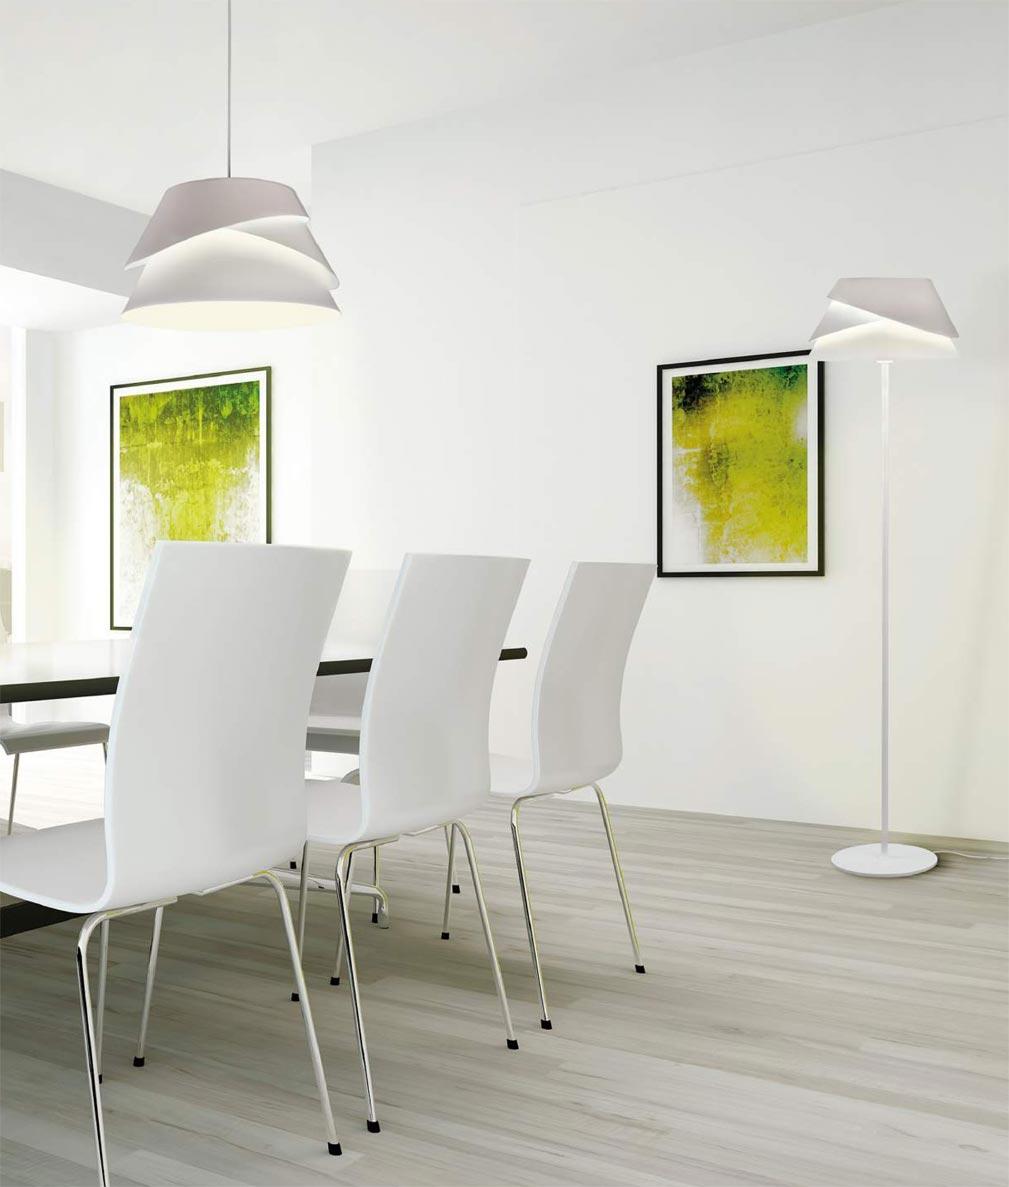 Lámparas modernas ALBORAN ambiente - La Casa de la Lámpara